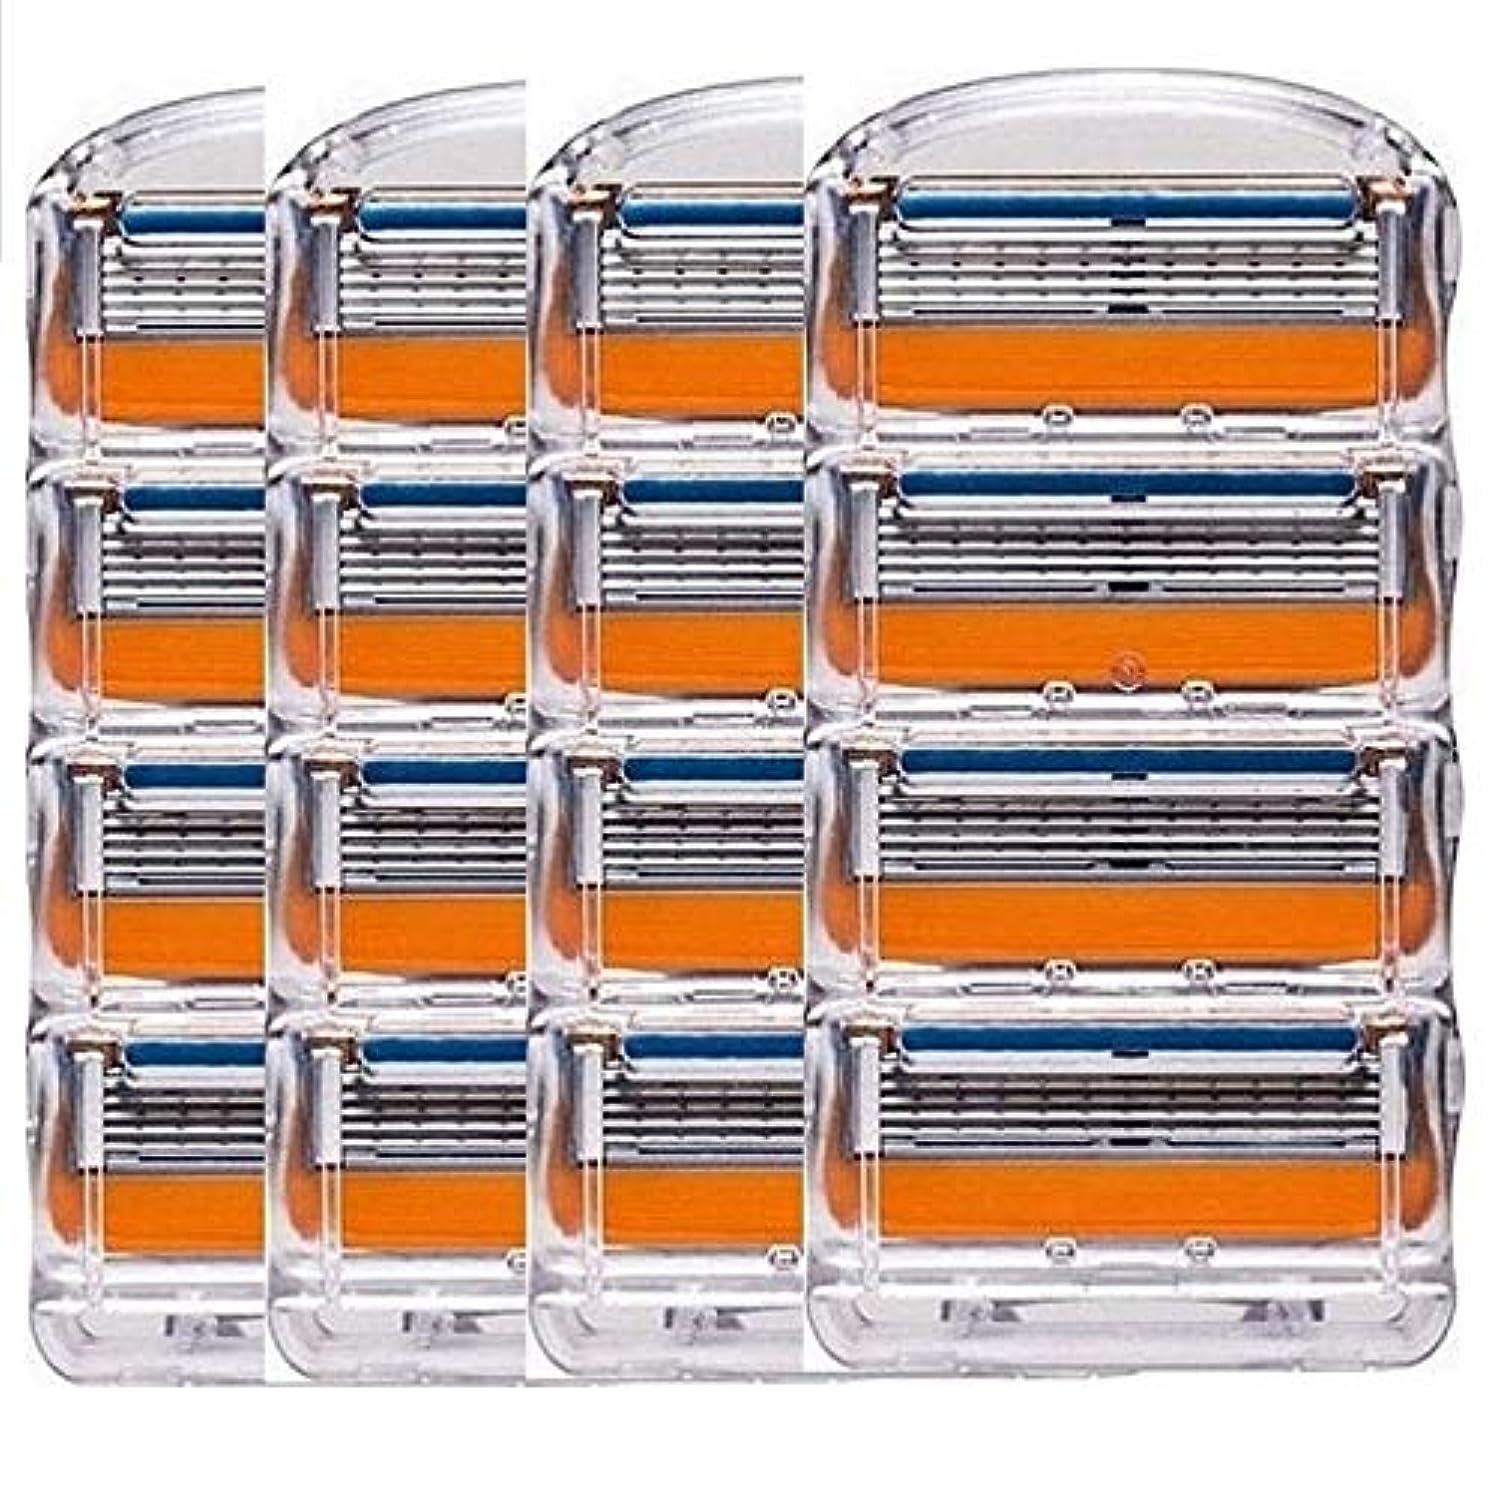 奴隷割り当てクローゼットジレット フュージョン用 替刃 互換品 4セット 16個 髭剃り Gillette Fusion プログライド パワー 替え刃 オレンジ